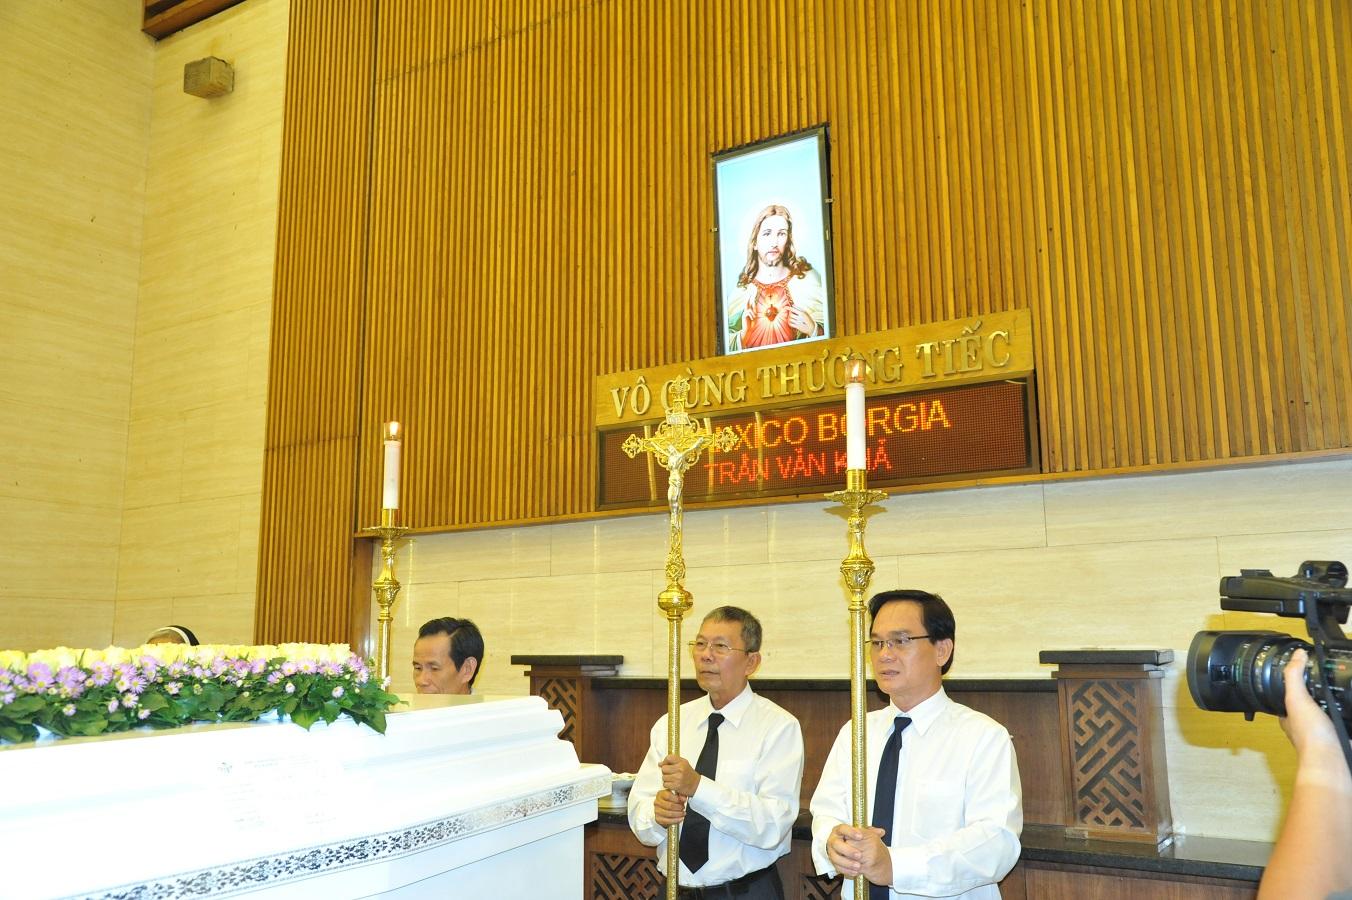 Thánh Lễ An Táng Đức Ông Phanxico Borgia Trần Văn Khả :Chiếc Thiệp Tang Thay Cho Chiếc Thiệp Mừng - Ảnh minh hoạ 16